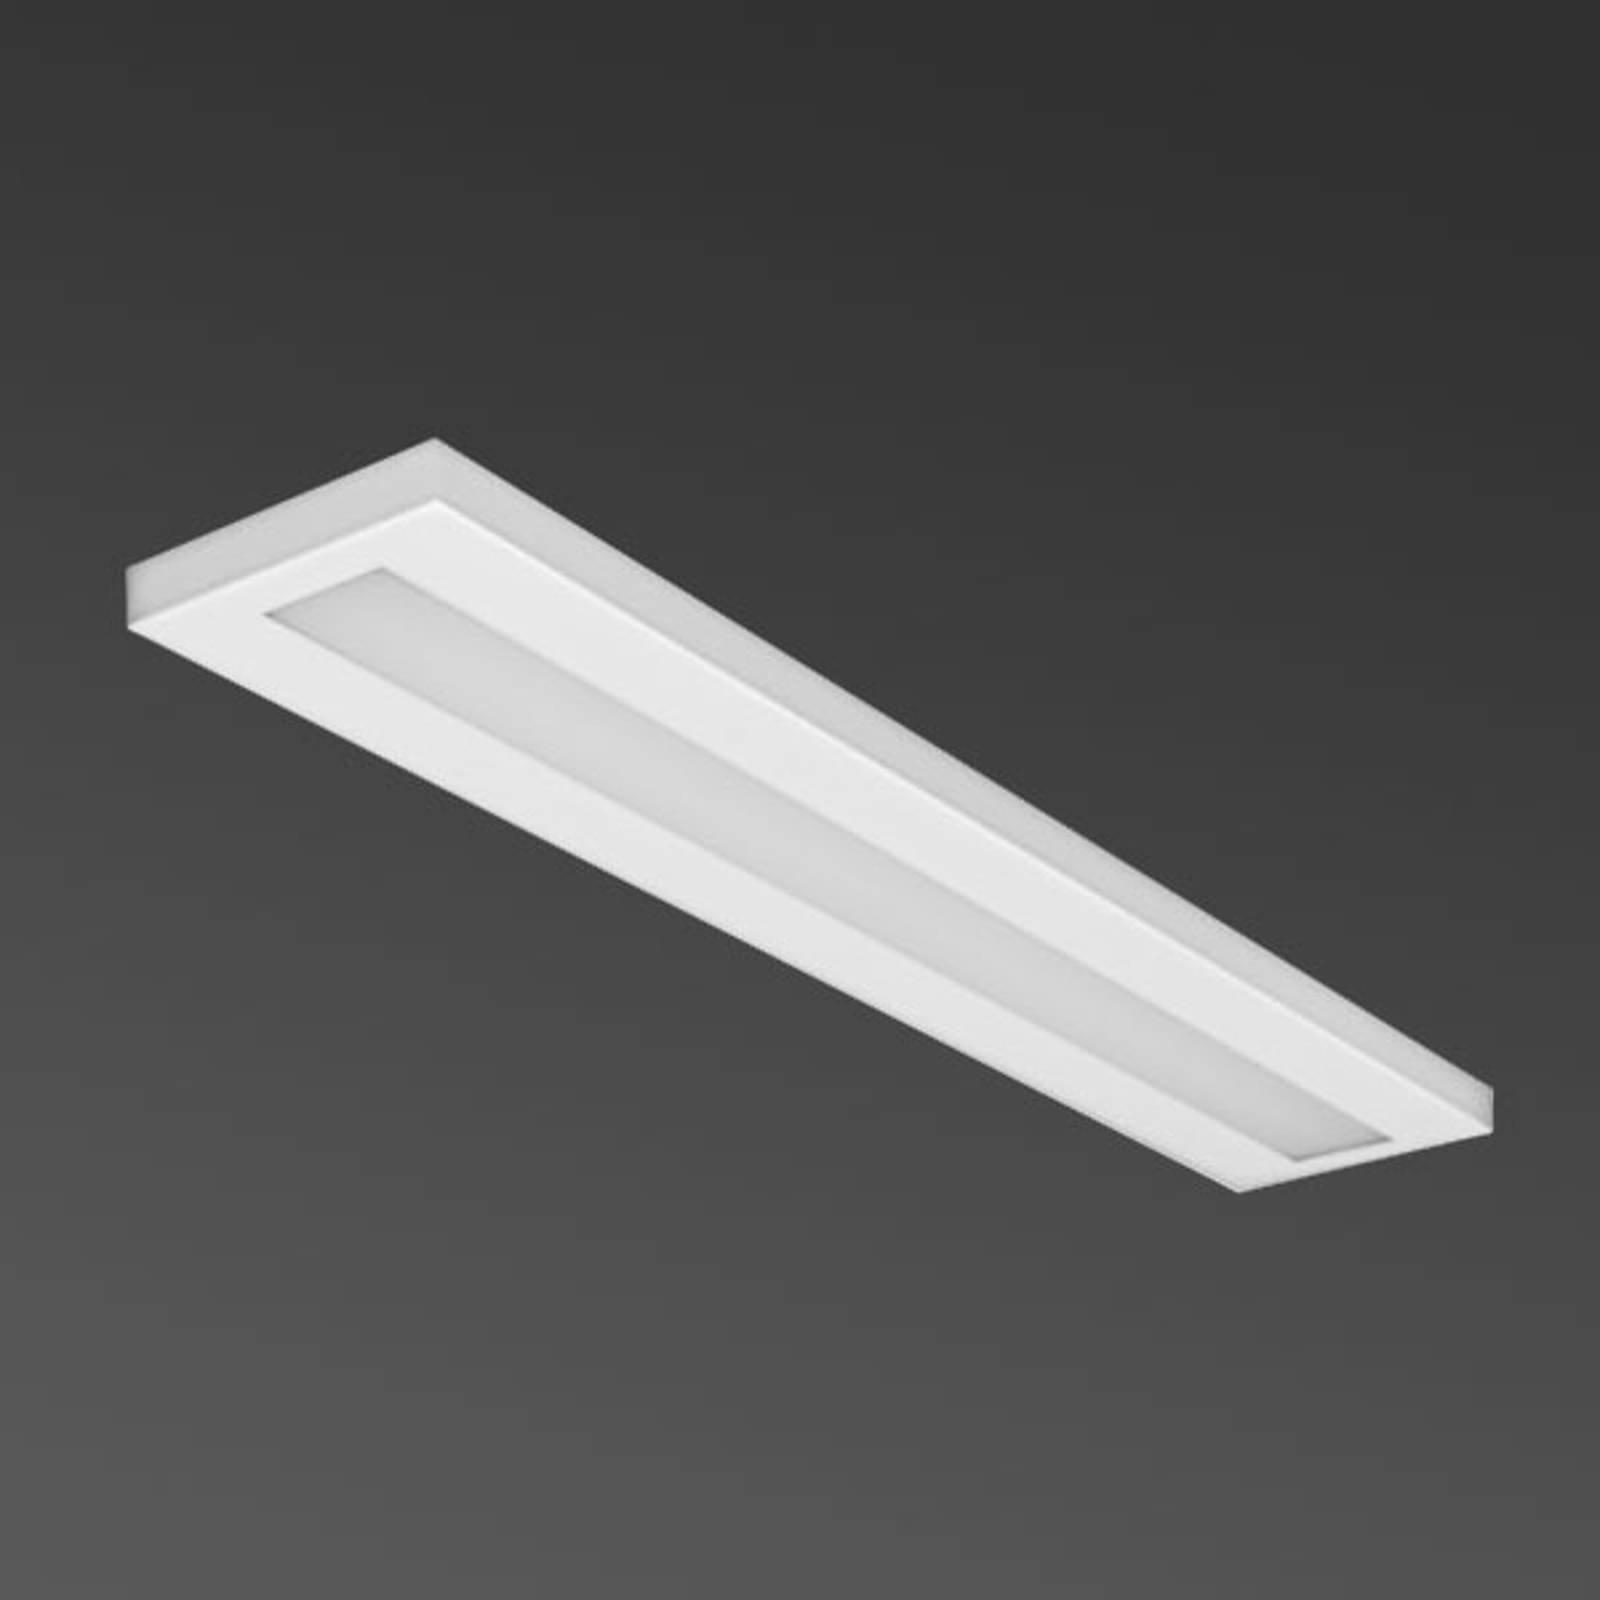 LED-pinta-asennusvalo, suorakulmio 48 W 3 000 K